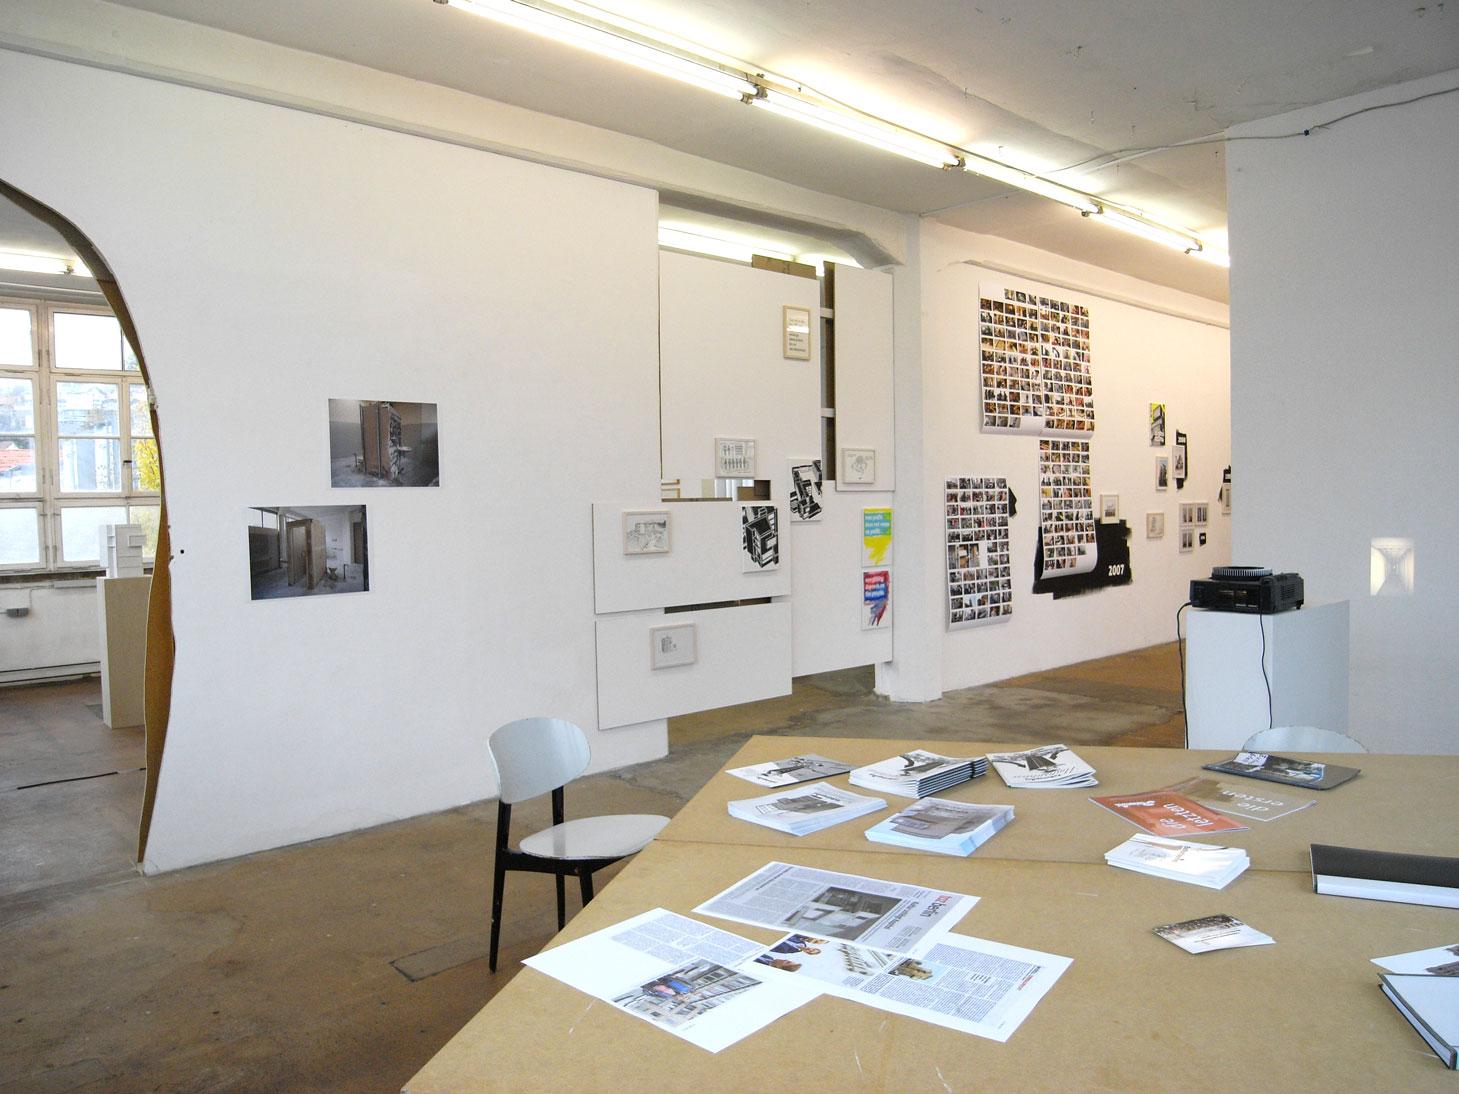 Les Schliesser, Daniela Brahm – »Ereignispanorama und andere Verwicklungen«, Installationsansicht